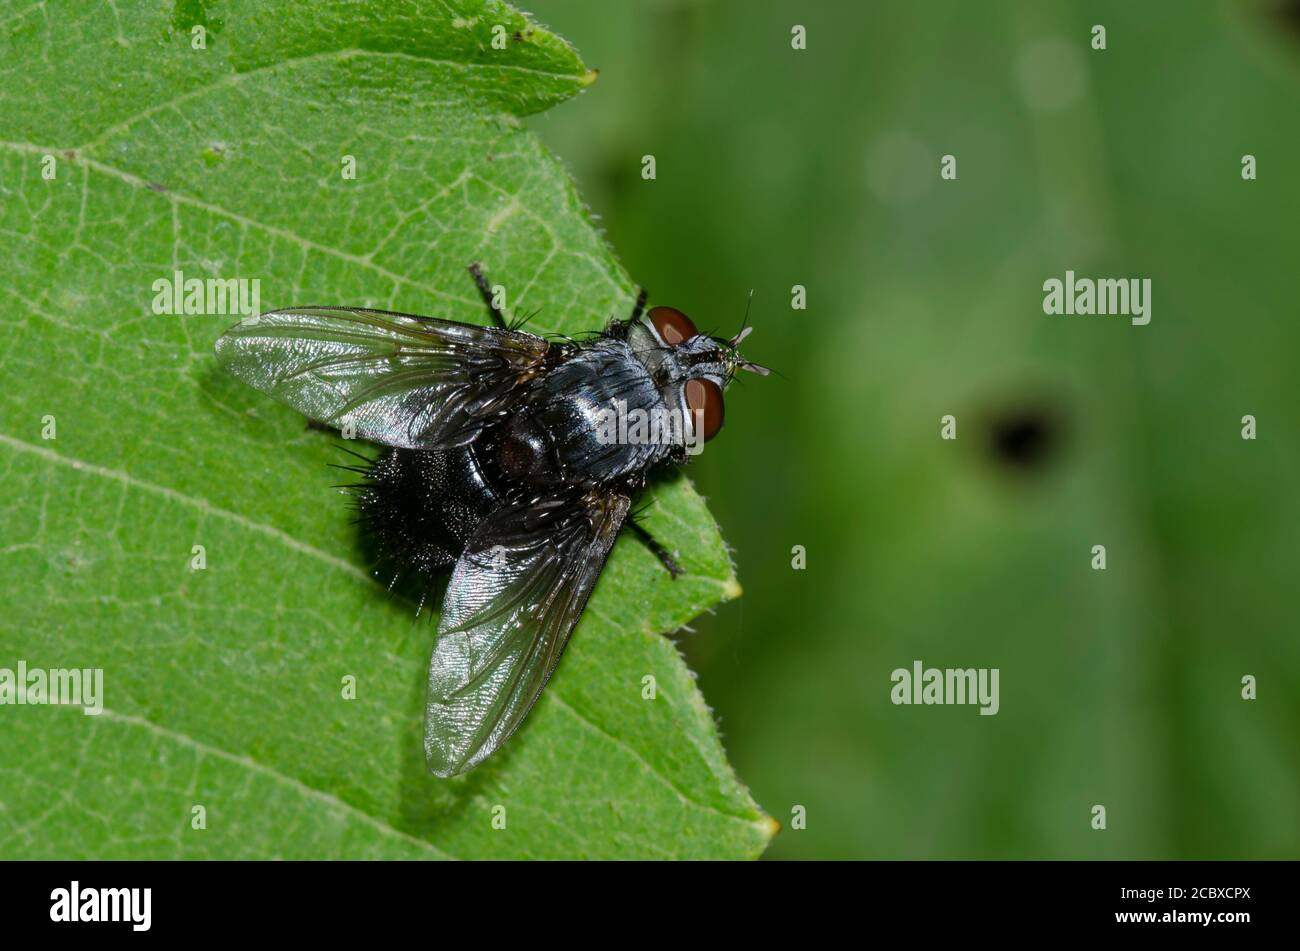 Tachinid Fly, Family Tachinidae Stock Photo